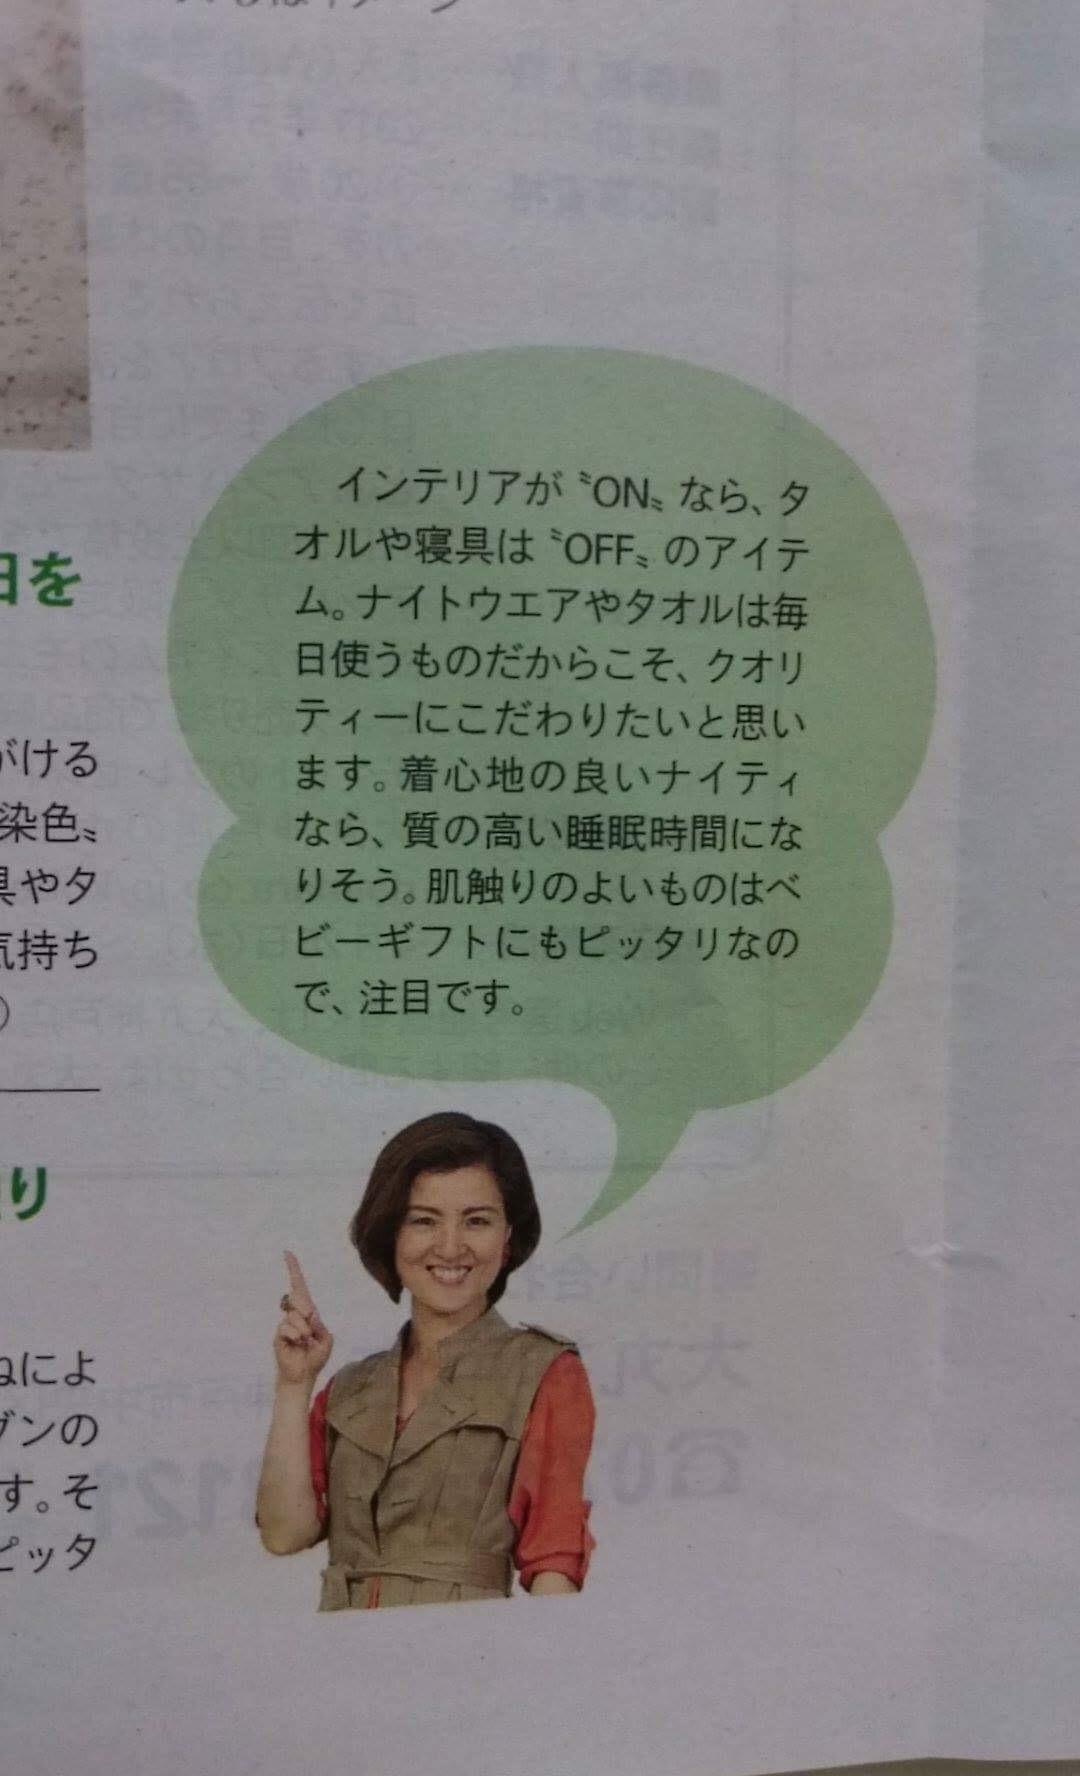 サンケイリビング新聞社リビングべっさつ 神戸大丸7階リニューアルコメントを読者代表として入れさせていただきました_f0375763_11191377.jpg